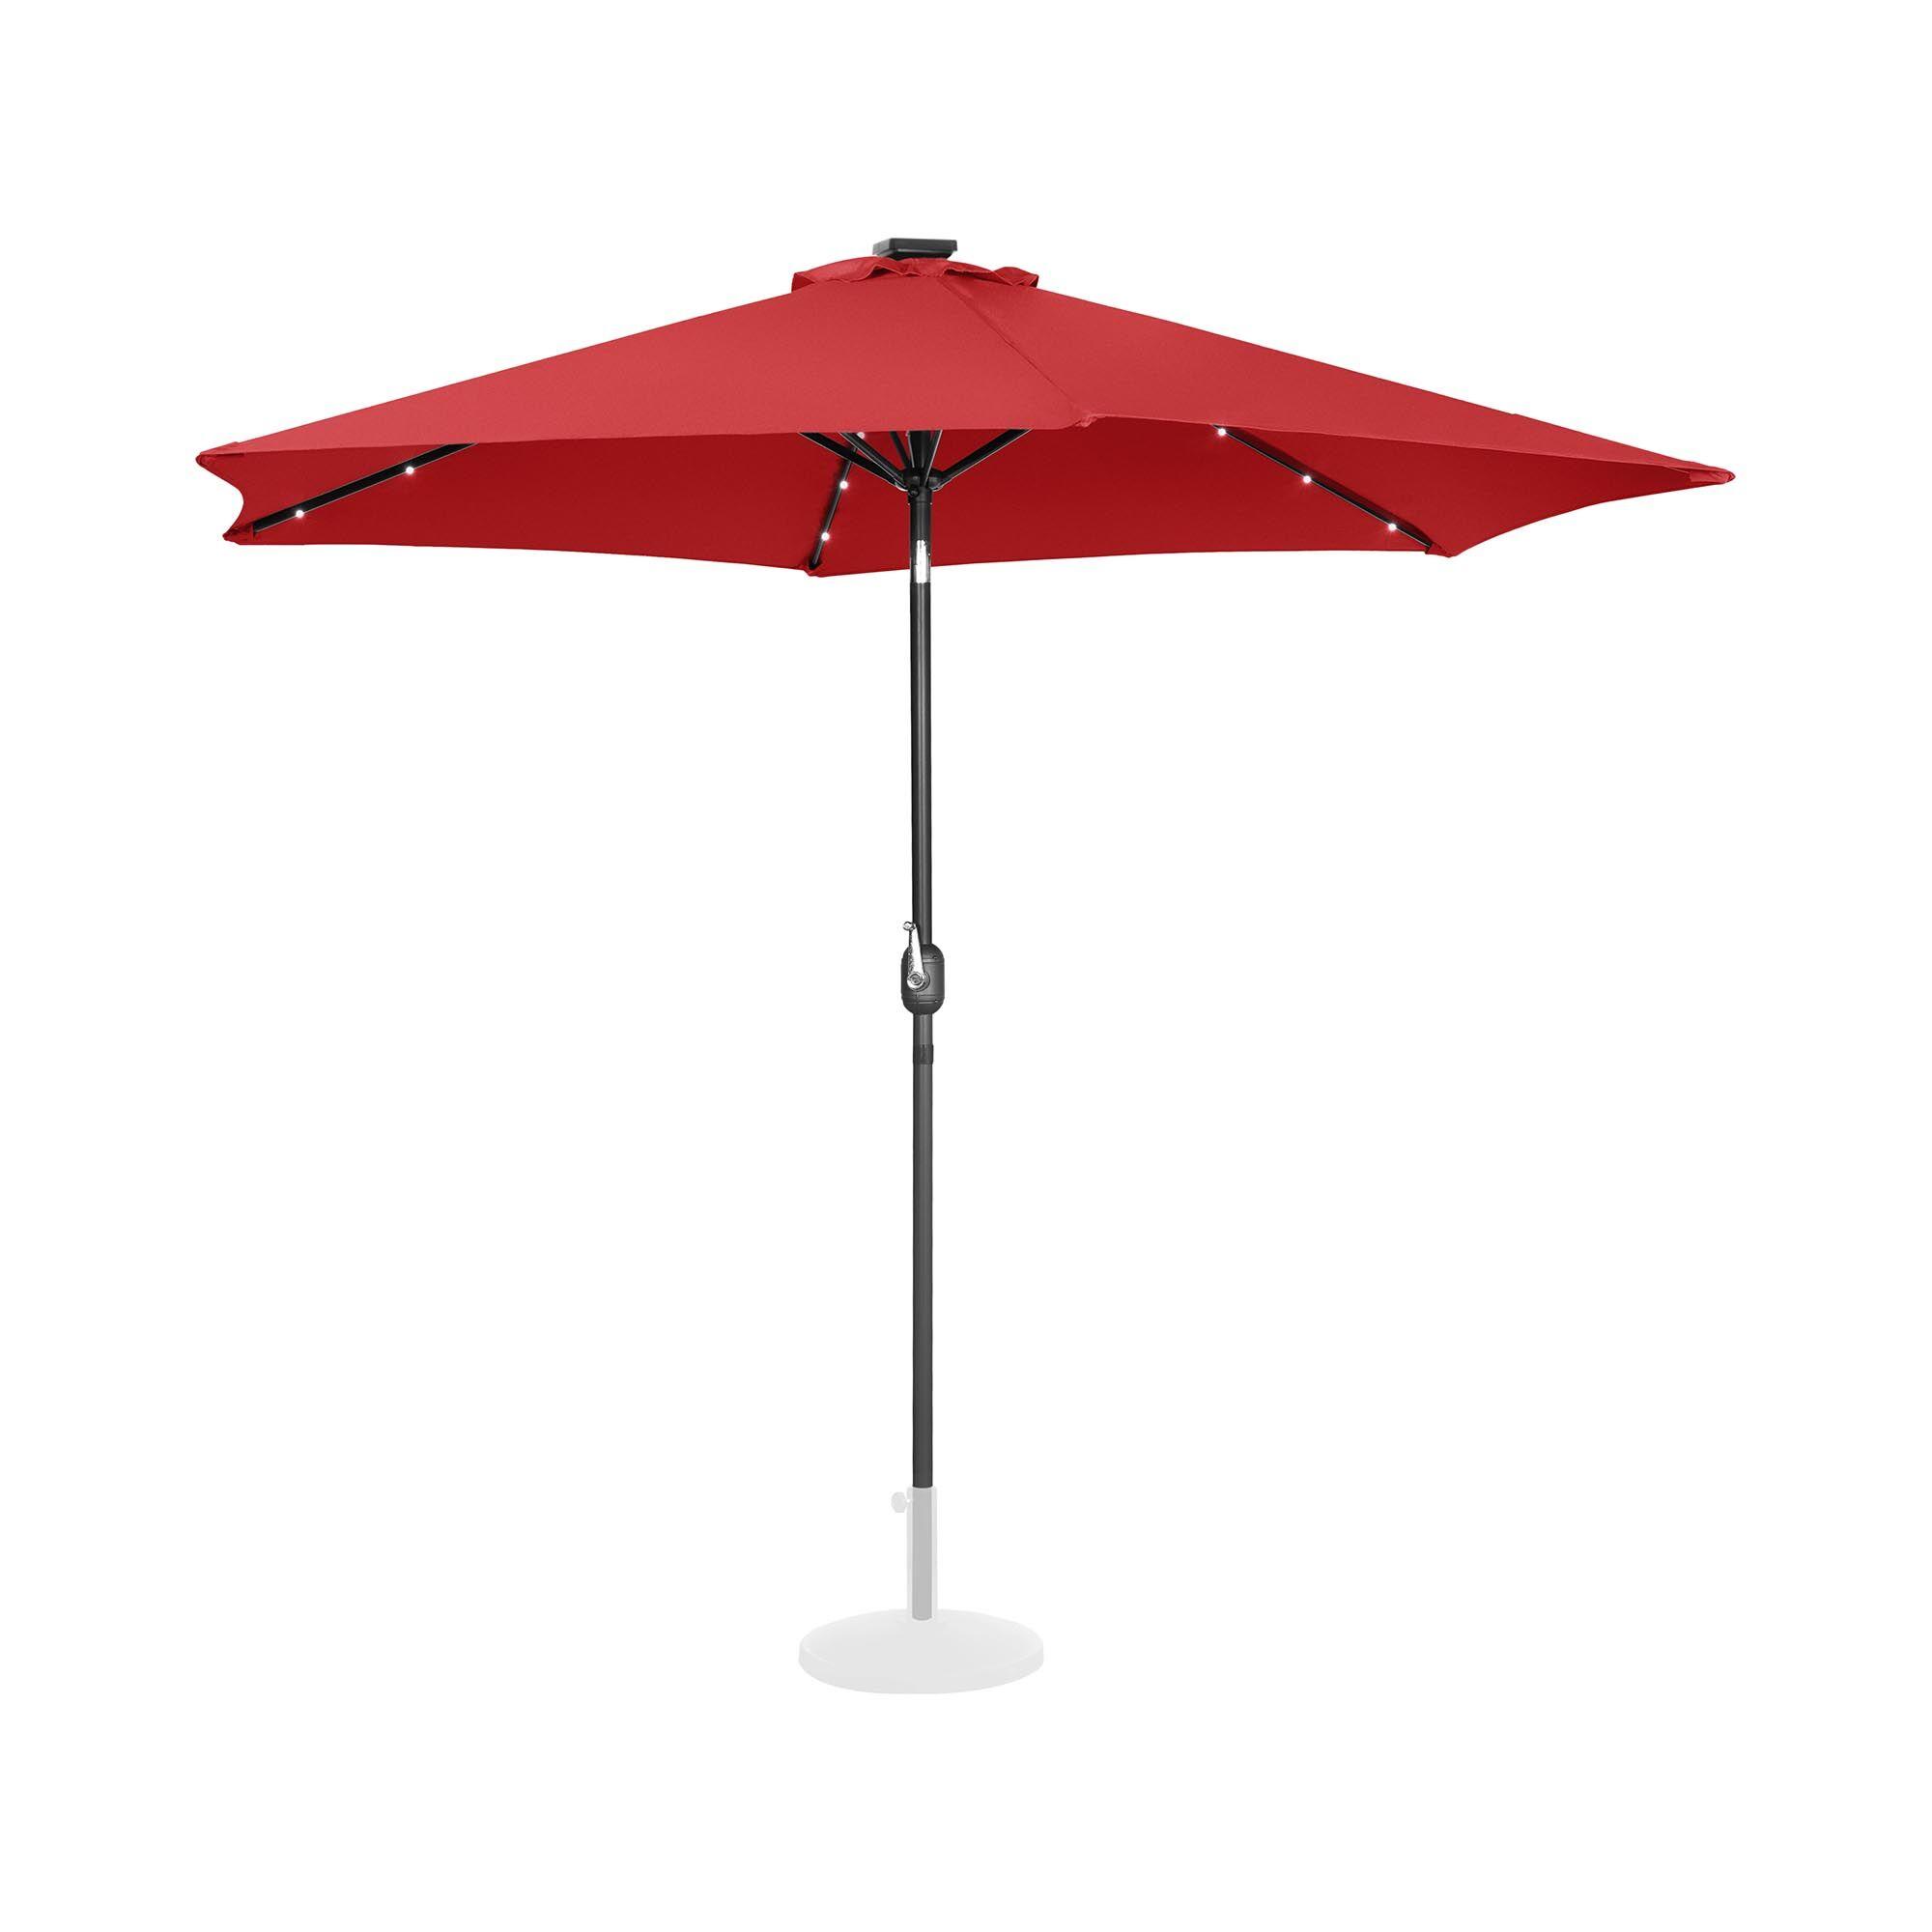 Uniprodo Parasoll med LED - rød- rund - Ø 300 cm - kan skråstilles